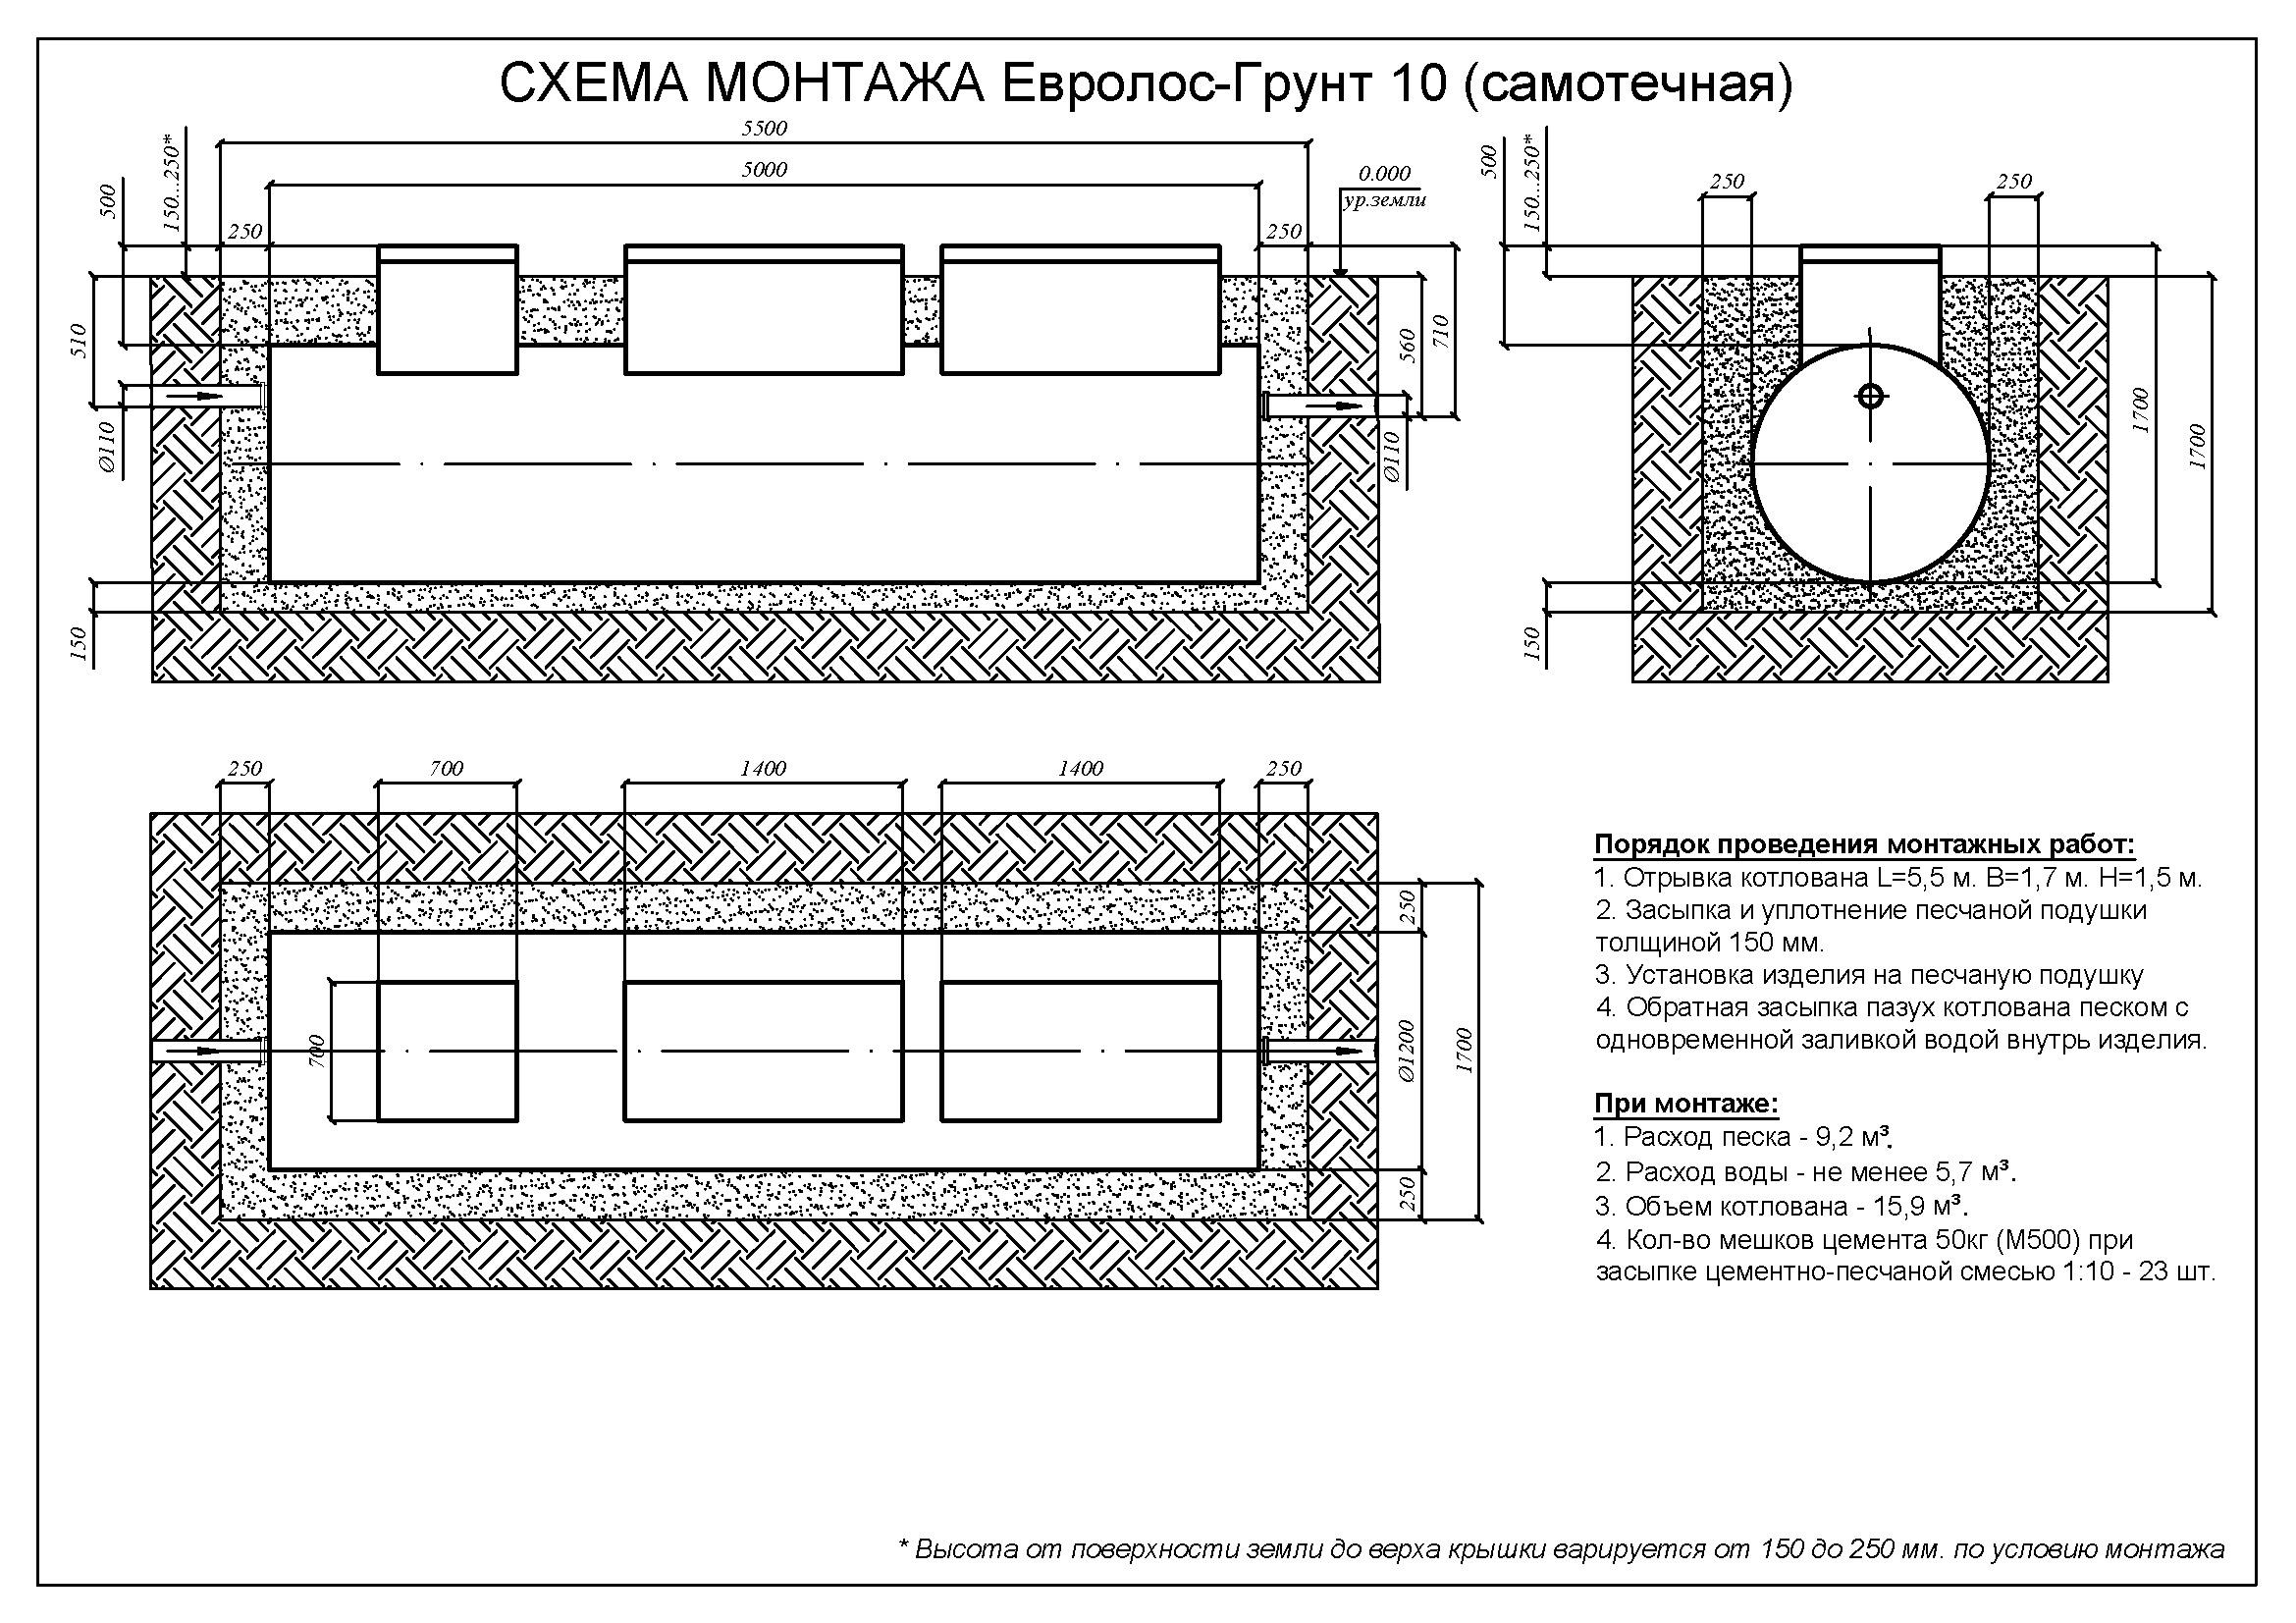 Монтажные схемы Евролос Грунт_Страница_11